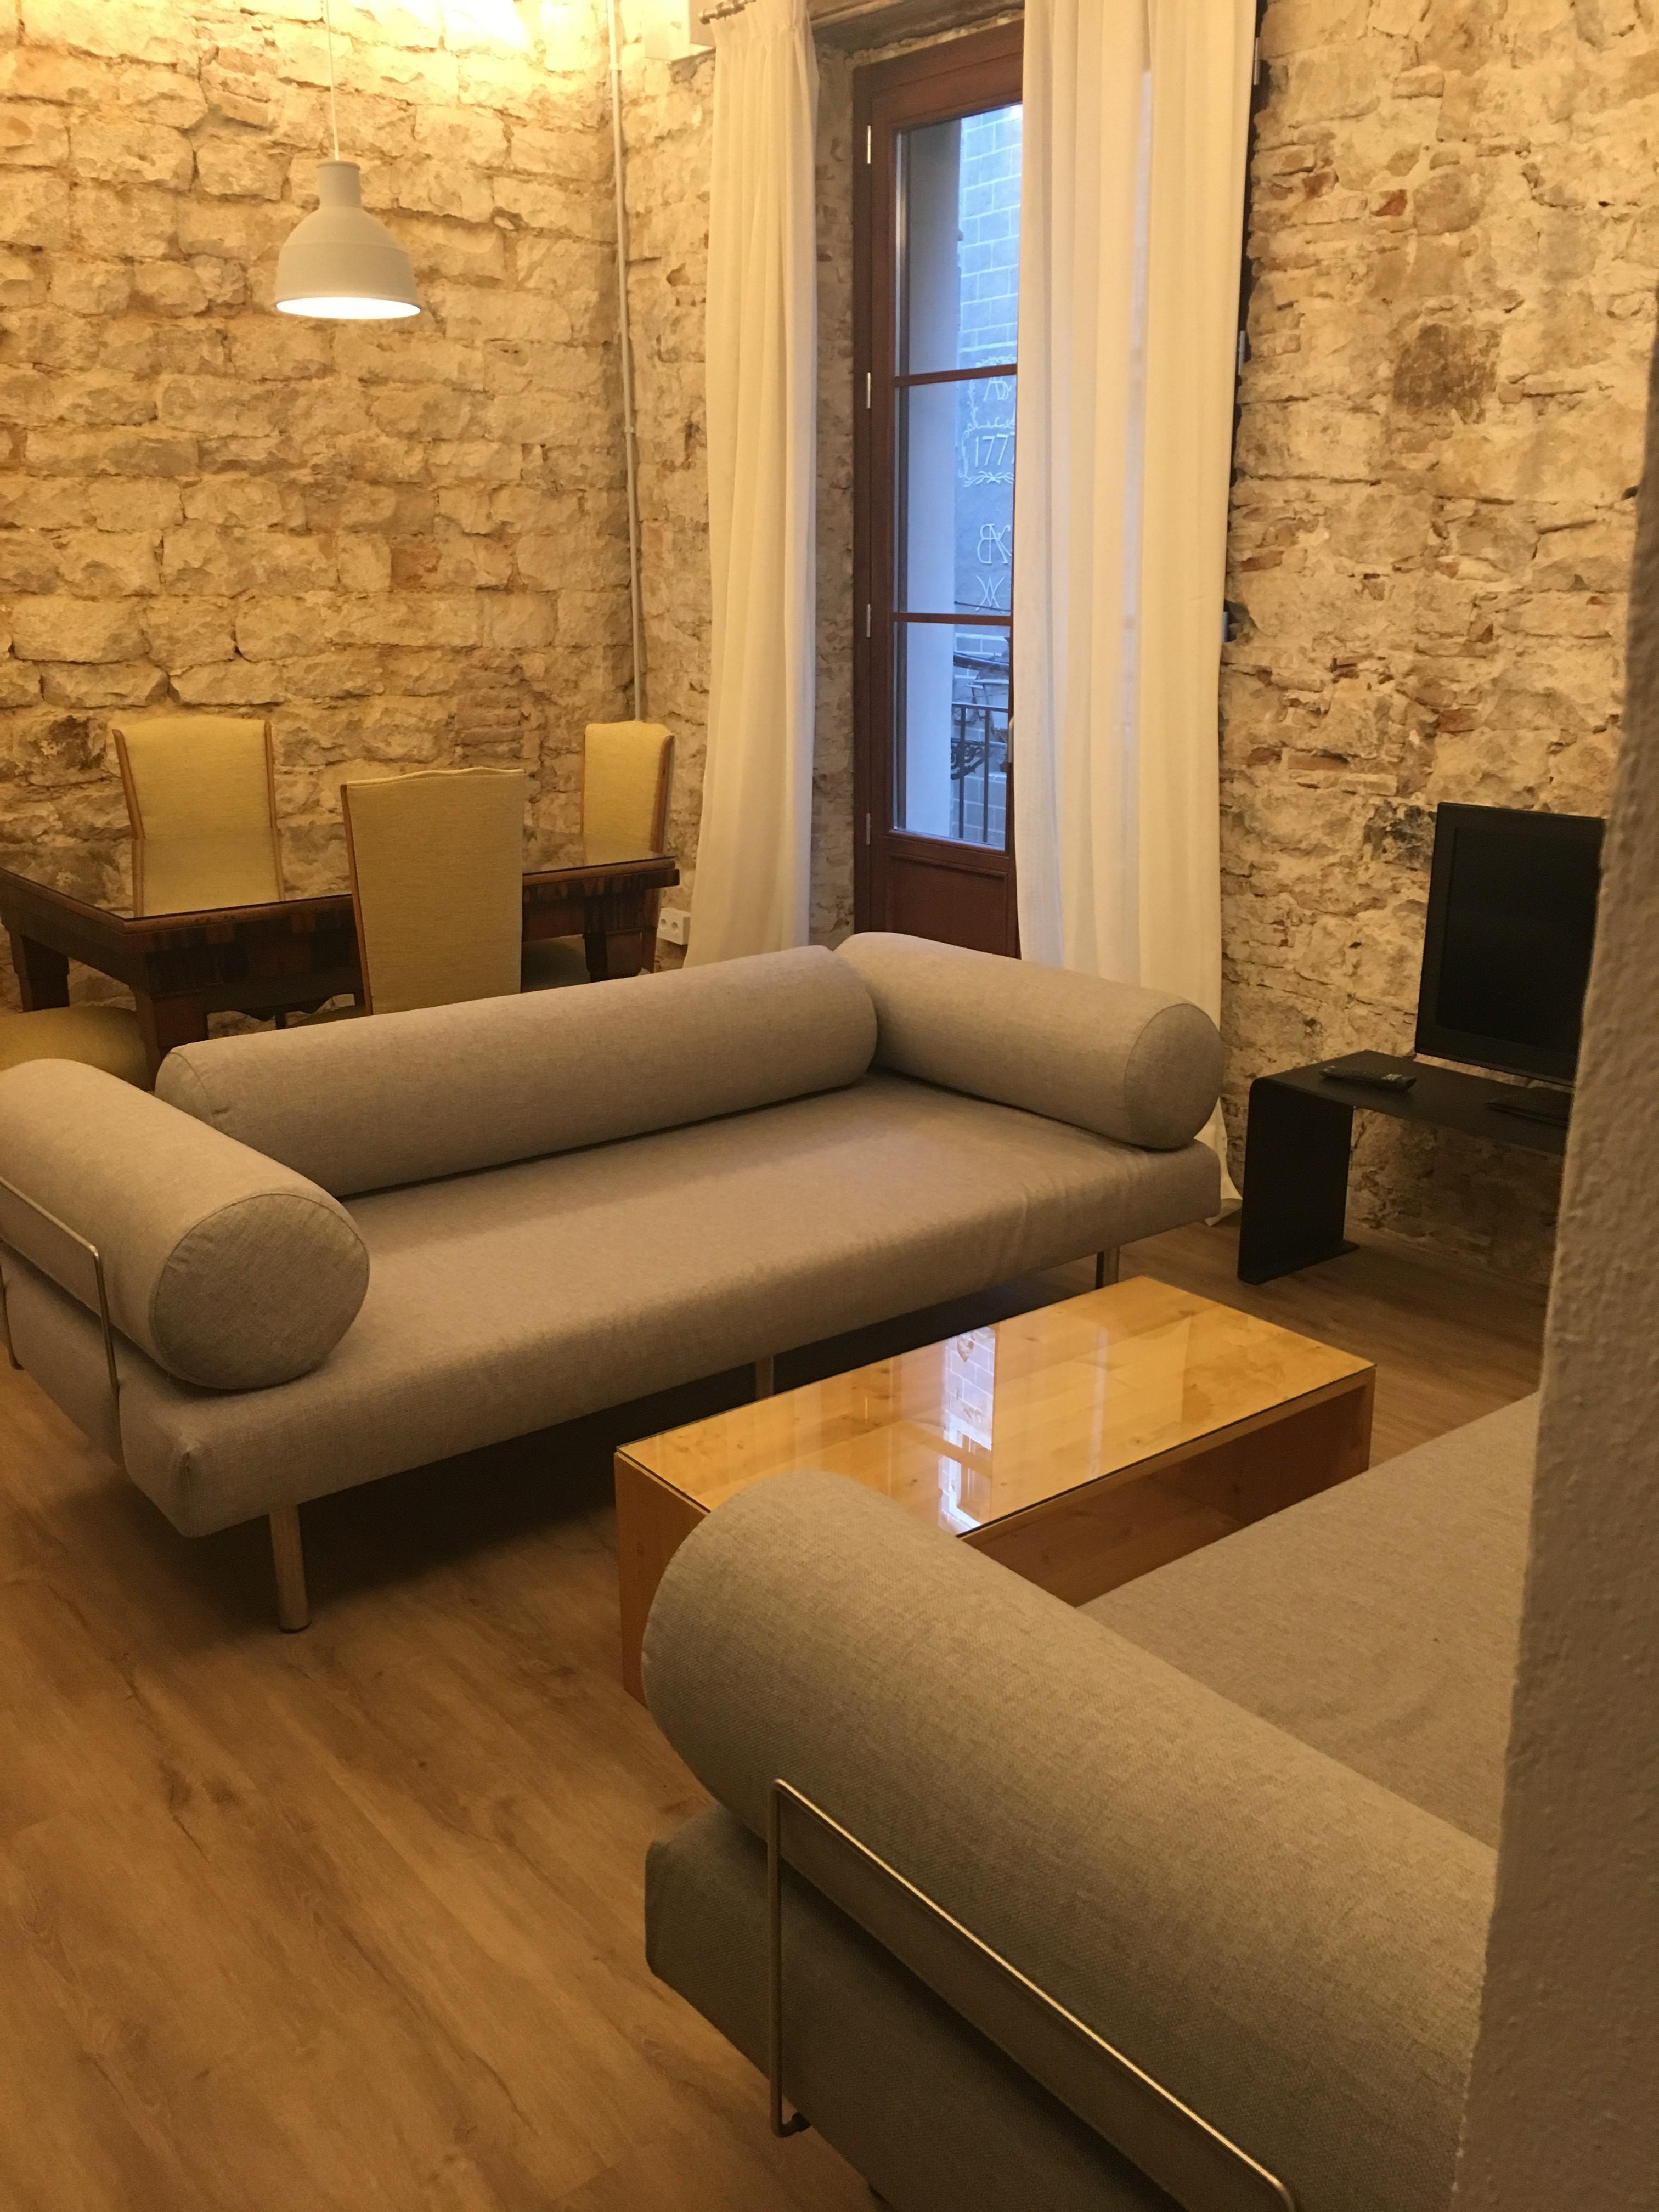 Bonito piso de alquiler temporal en barcelona ciutat for Piso de alquiler en barcelona